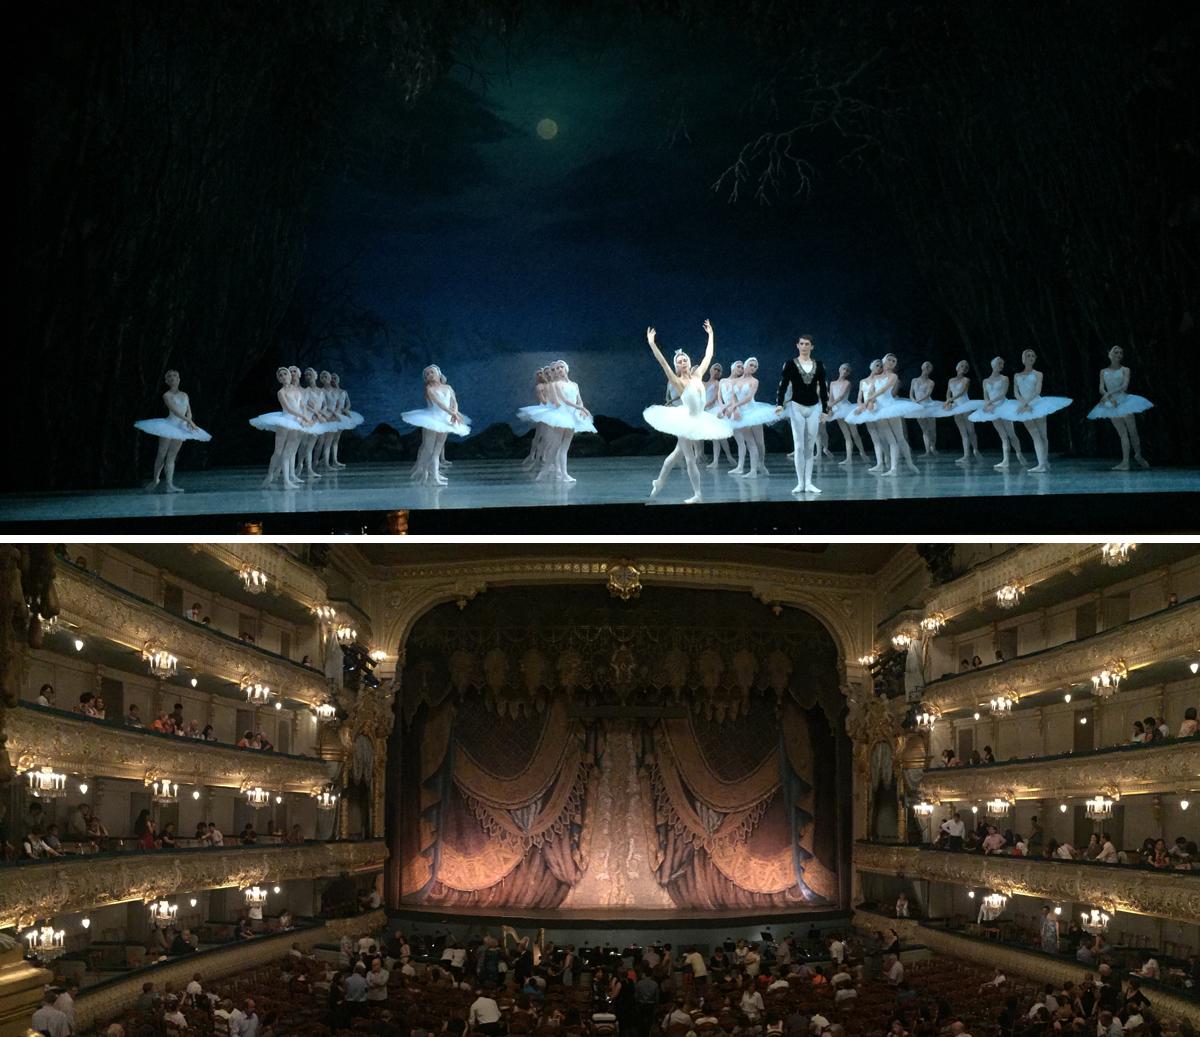 CompositeMariinskyTheater-EG.jpg